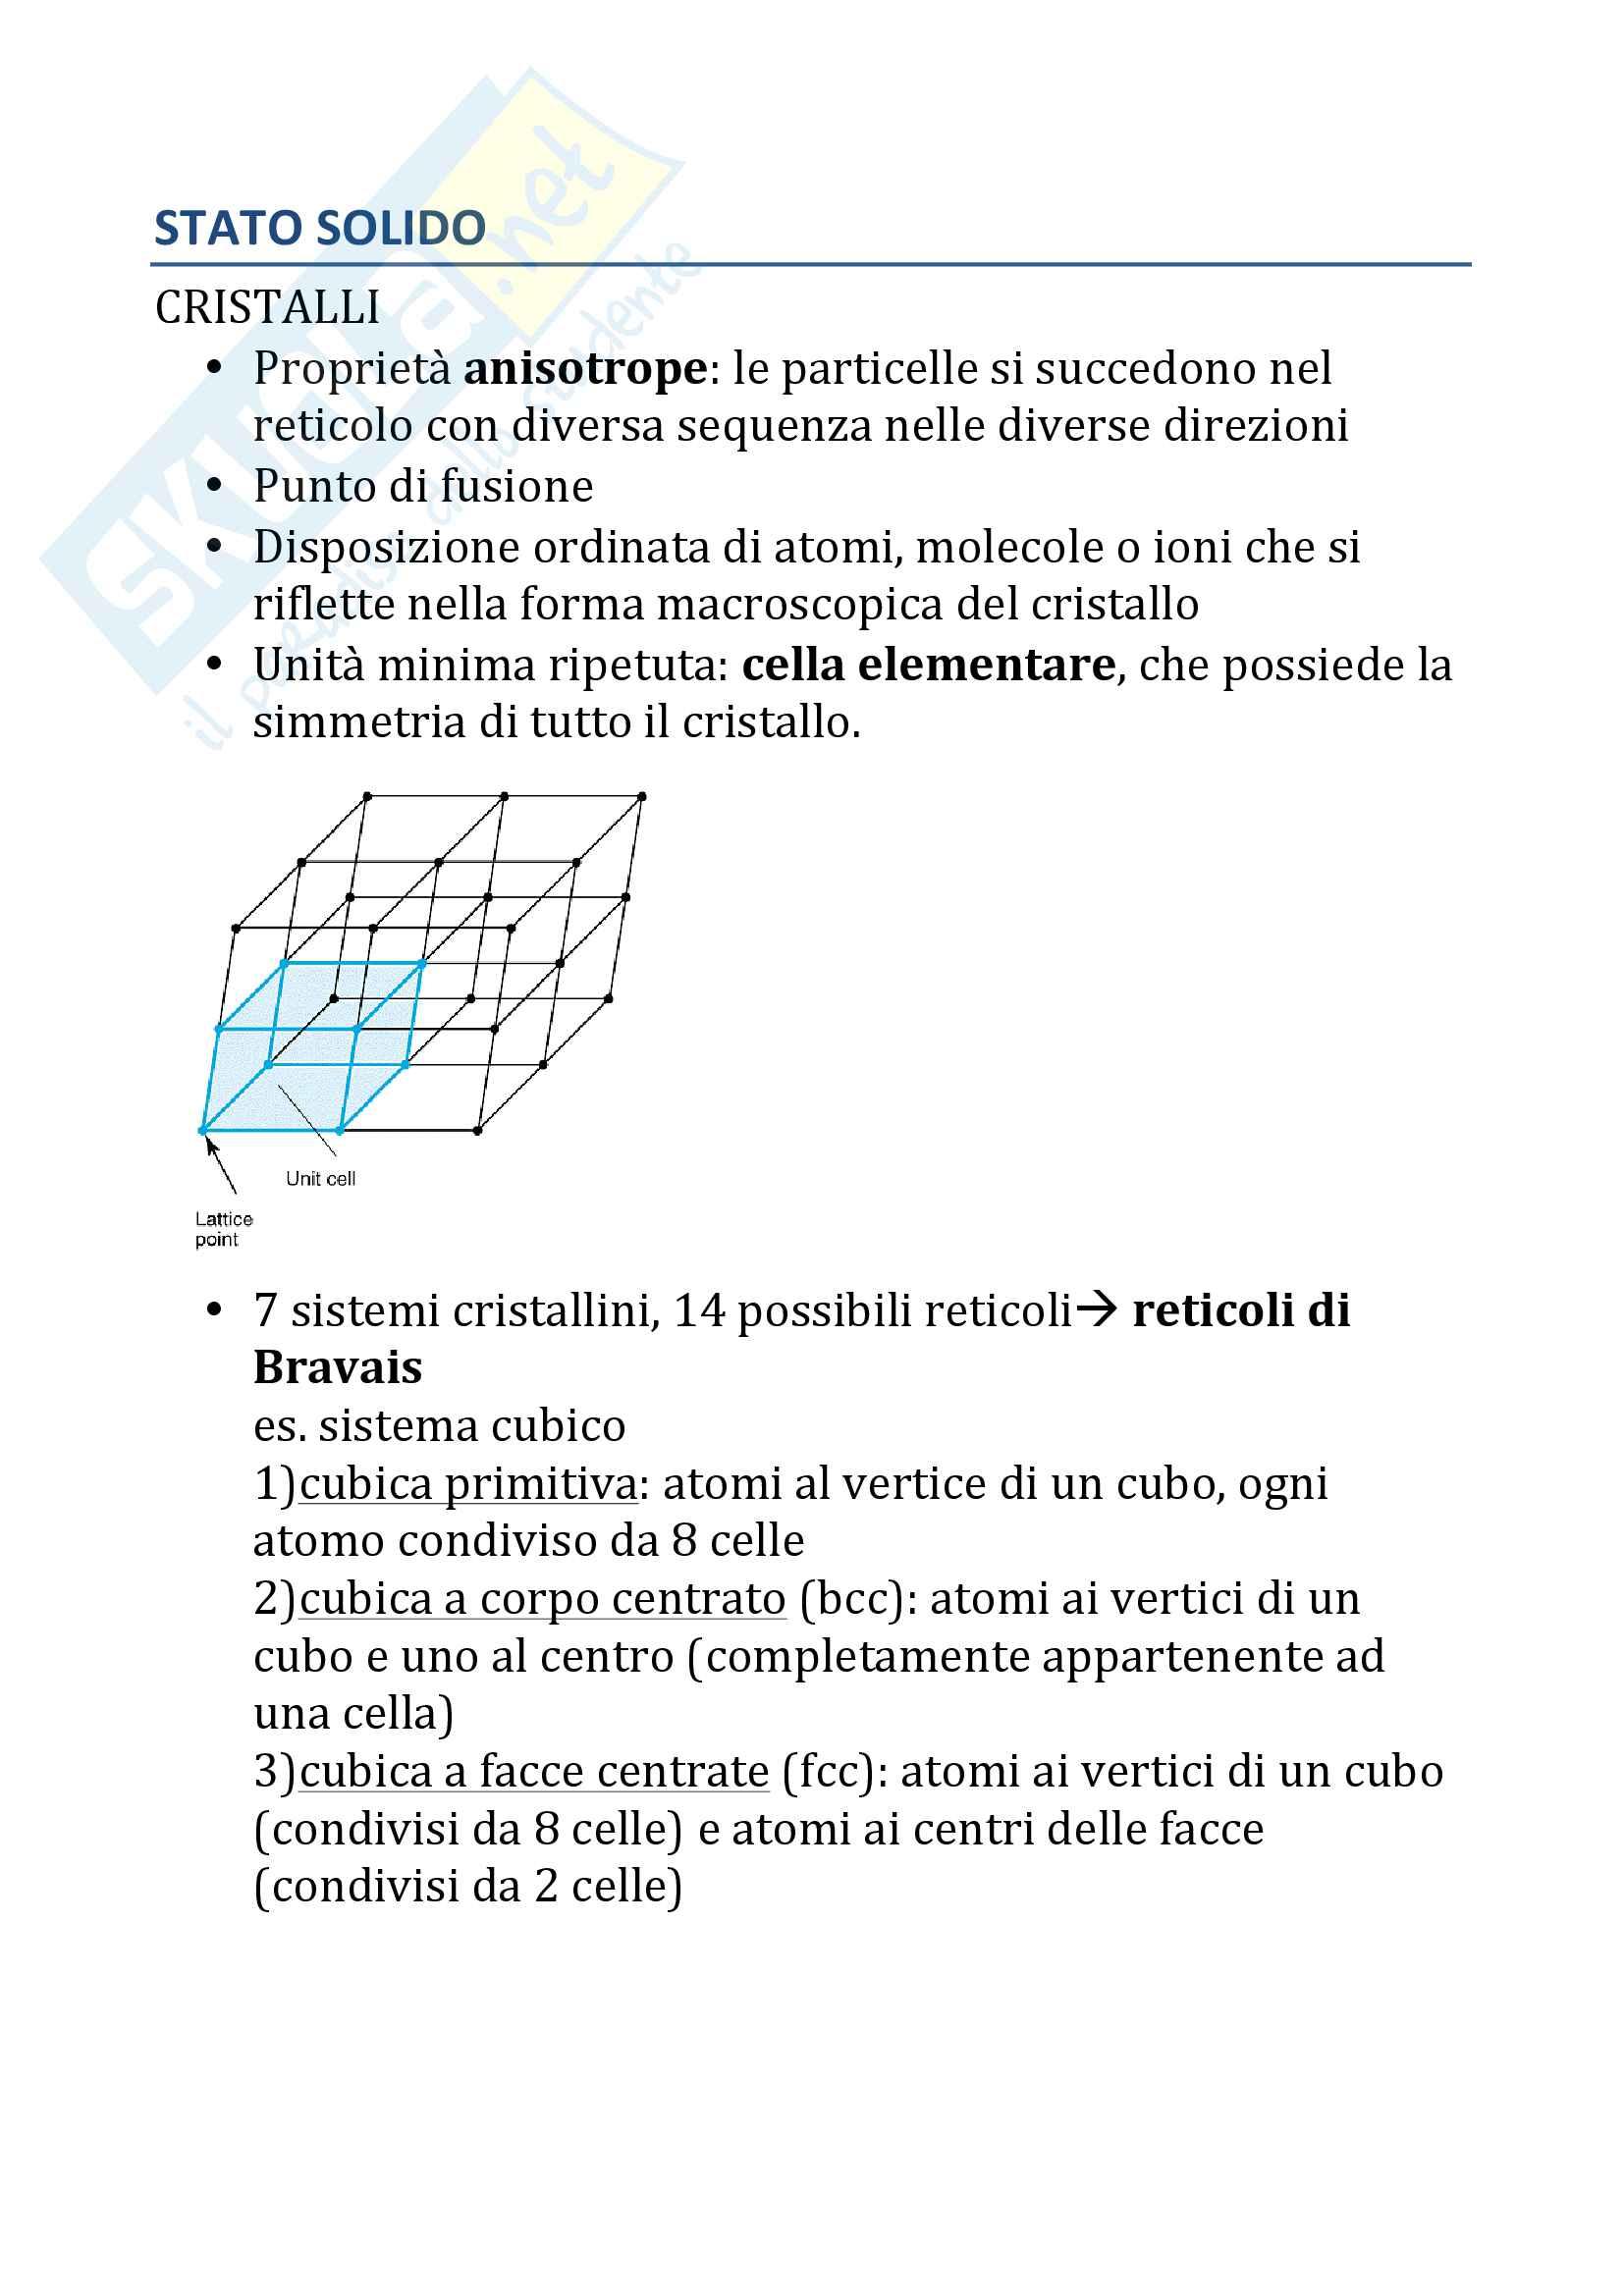 Chimica Inorganica e della materia vivente (parte 2) Pag. 51